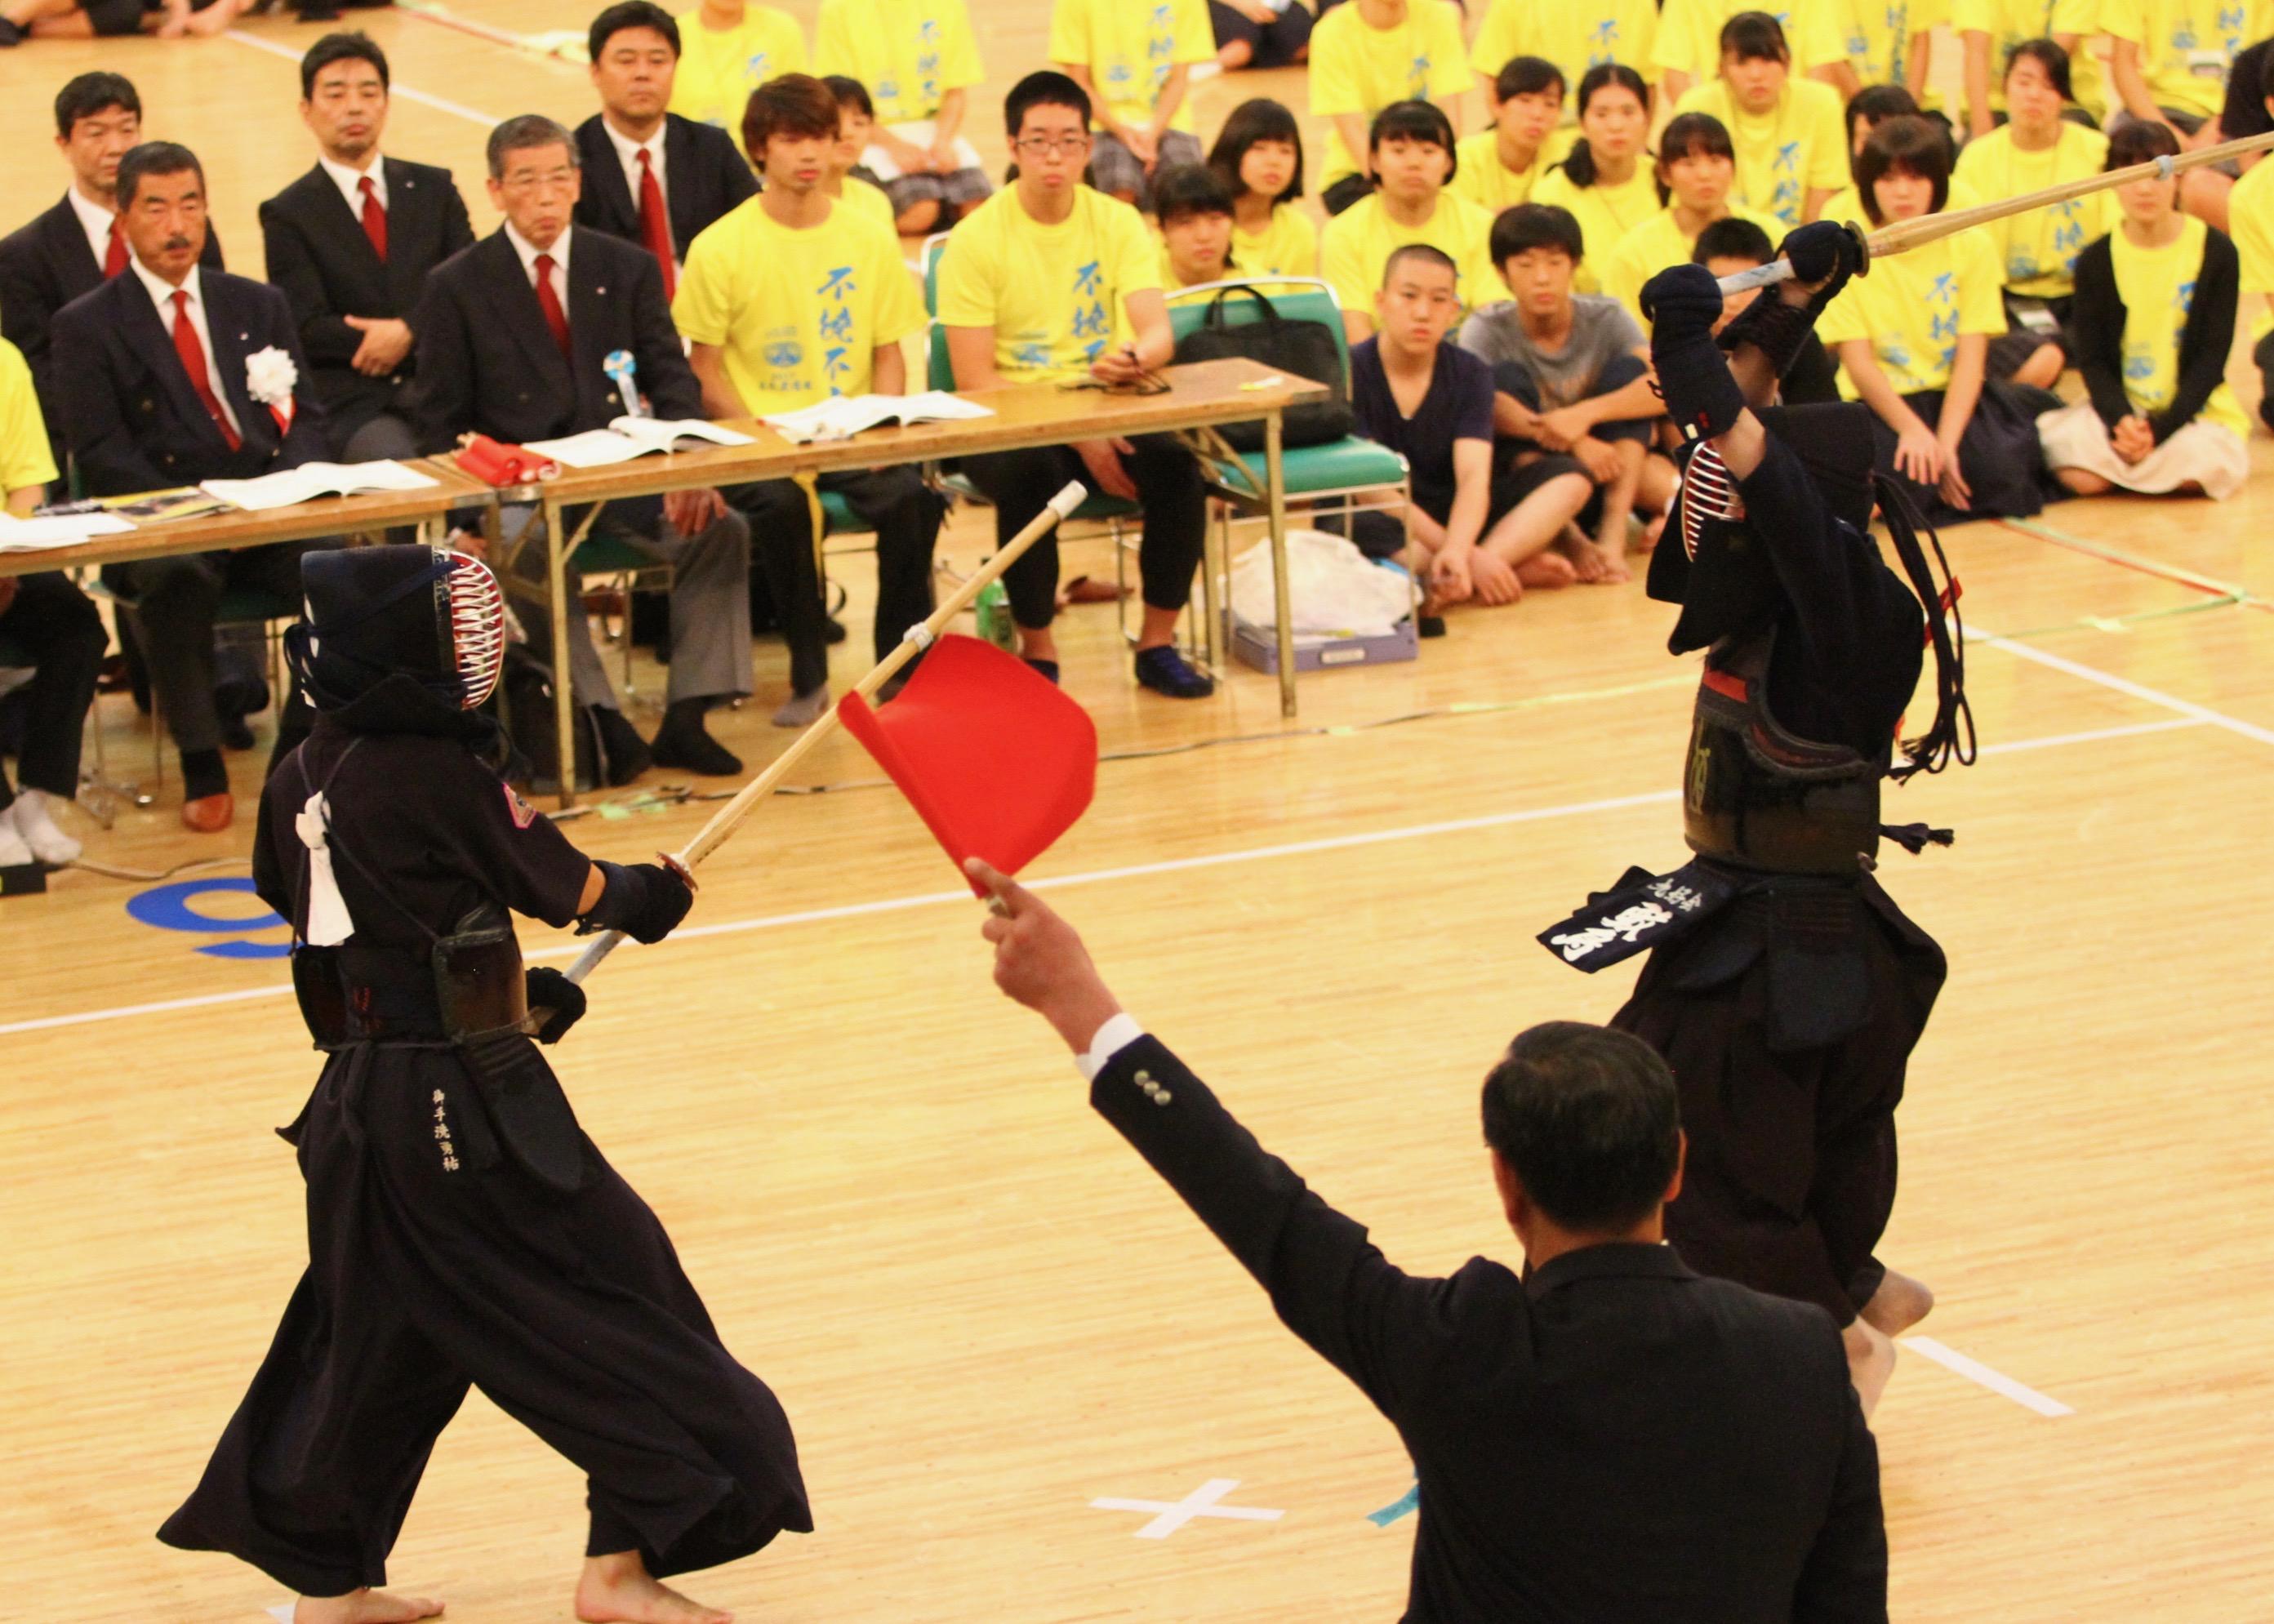 【取材&生配信】7/25〜26 H29第52回全国道場少年剣道大会